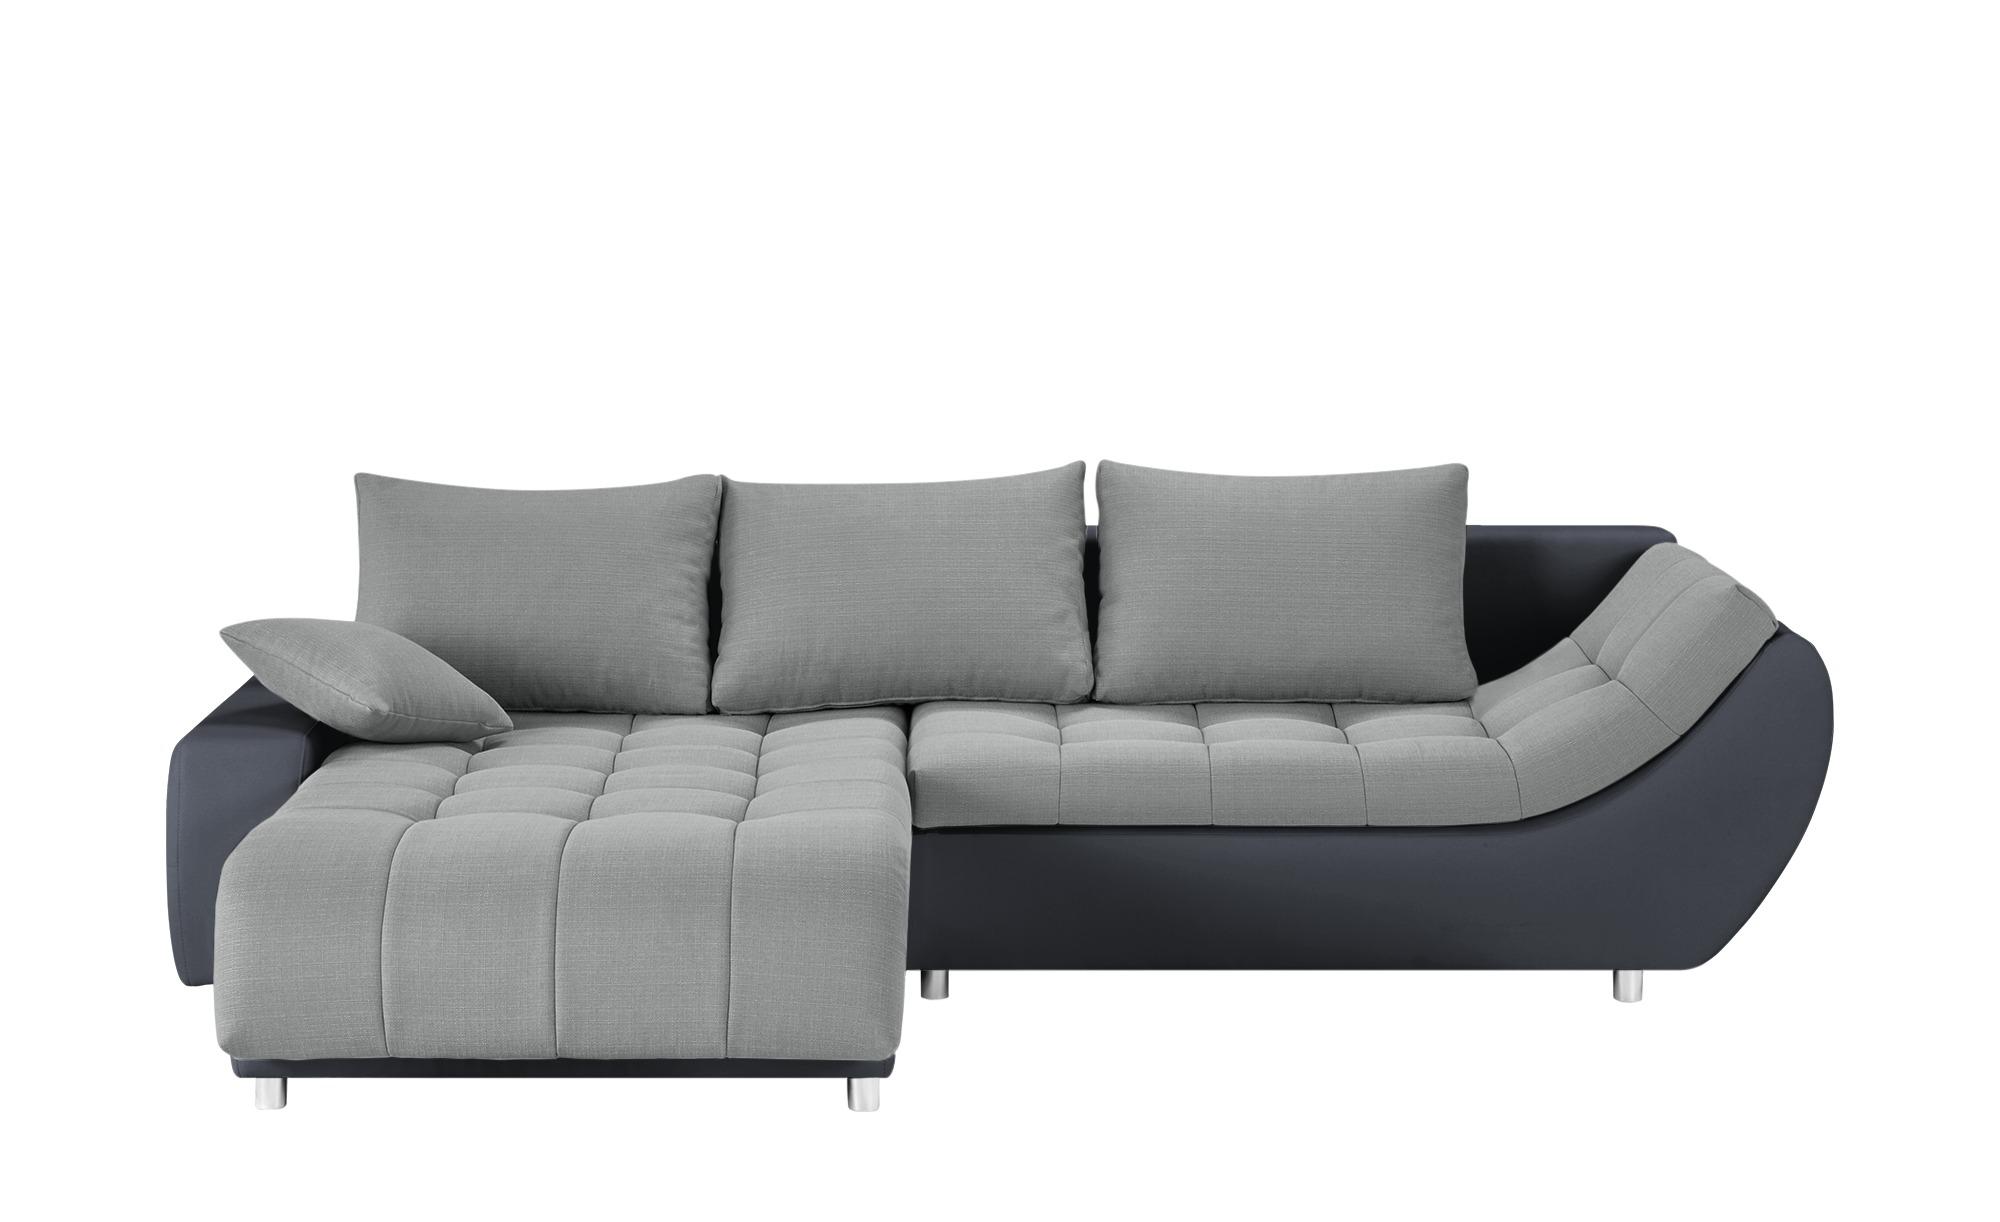 Switch Ecksofa Gunstige Sofas Big Sofa Kaufen Couch Mit